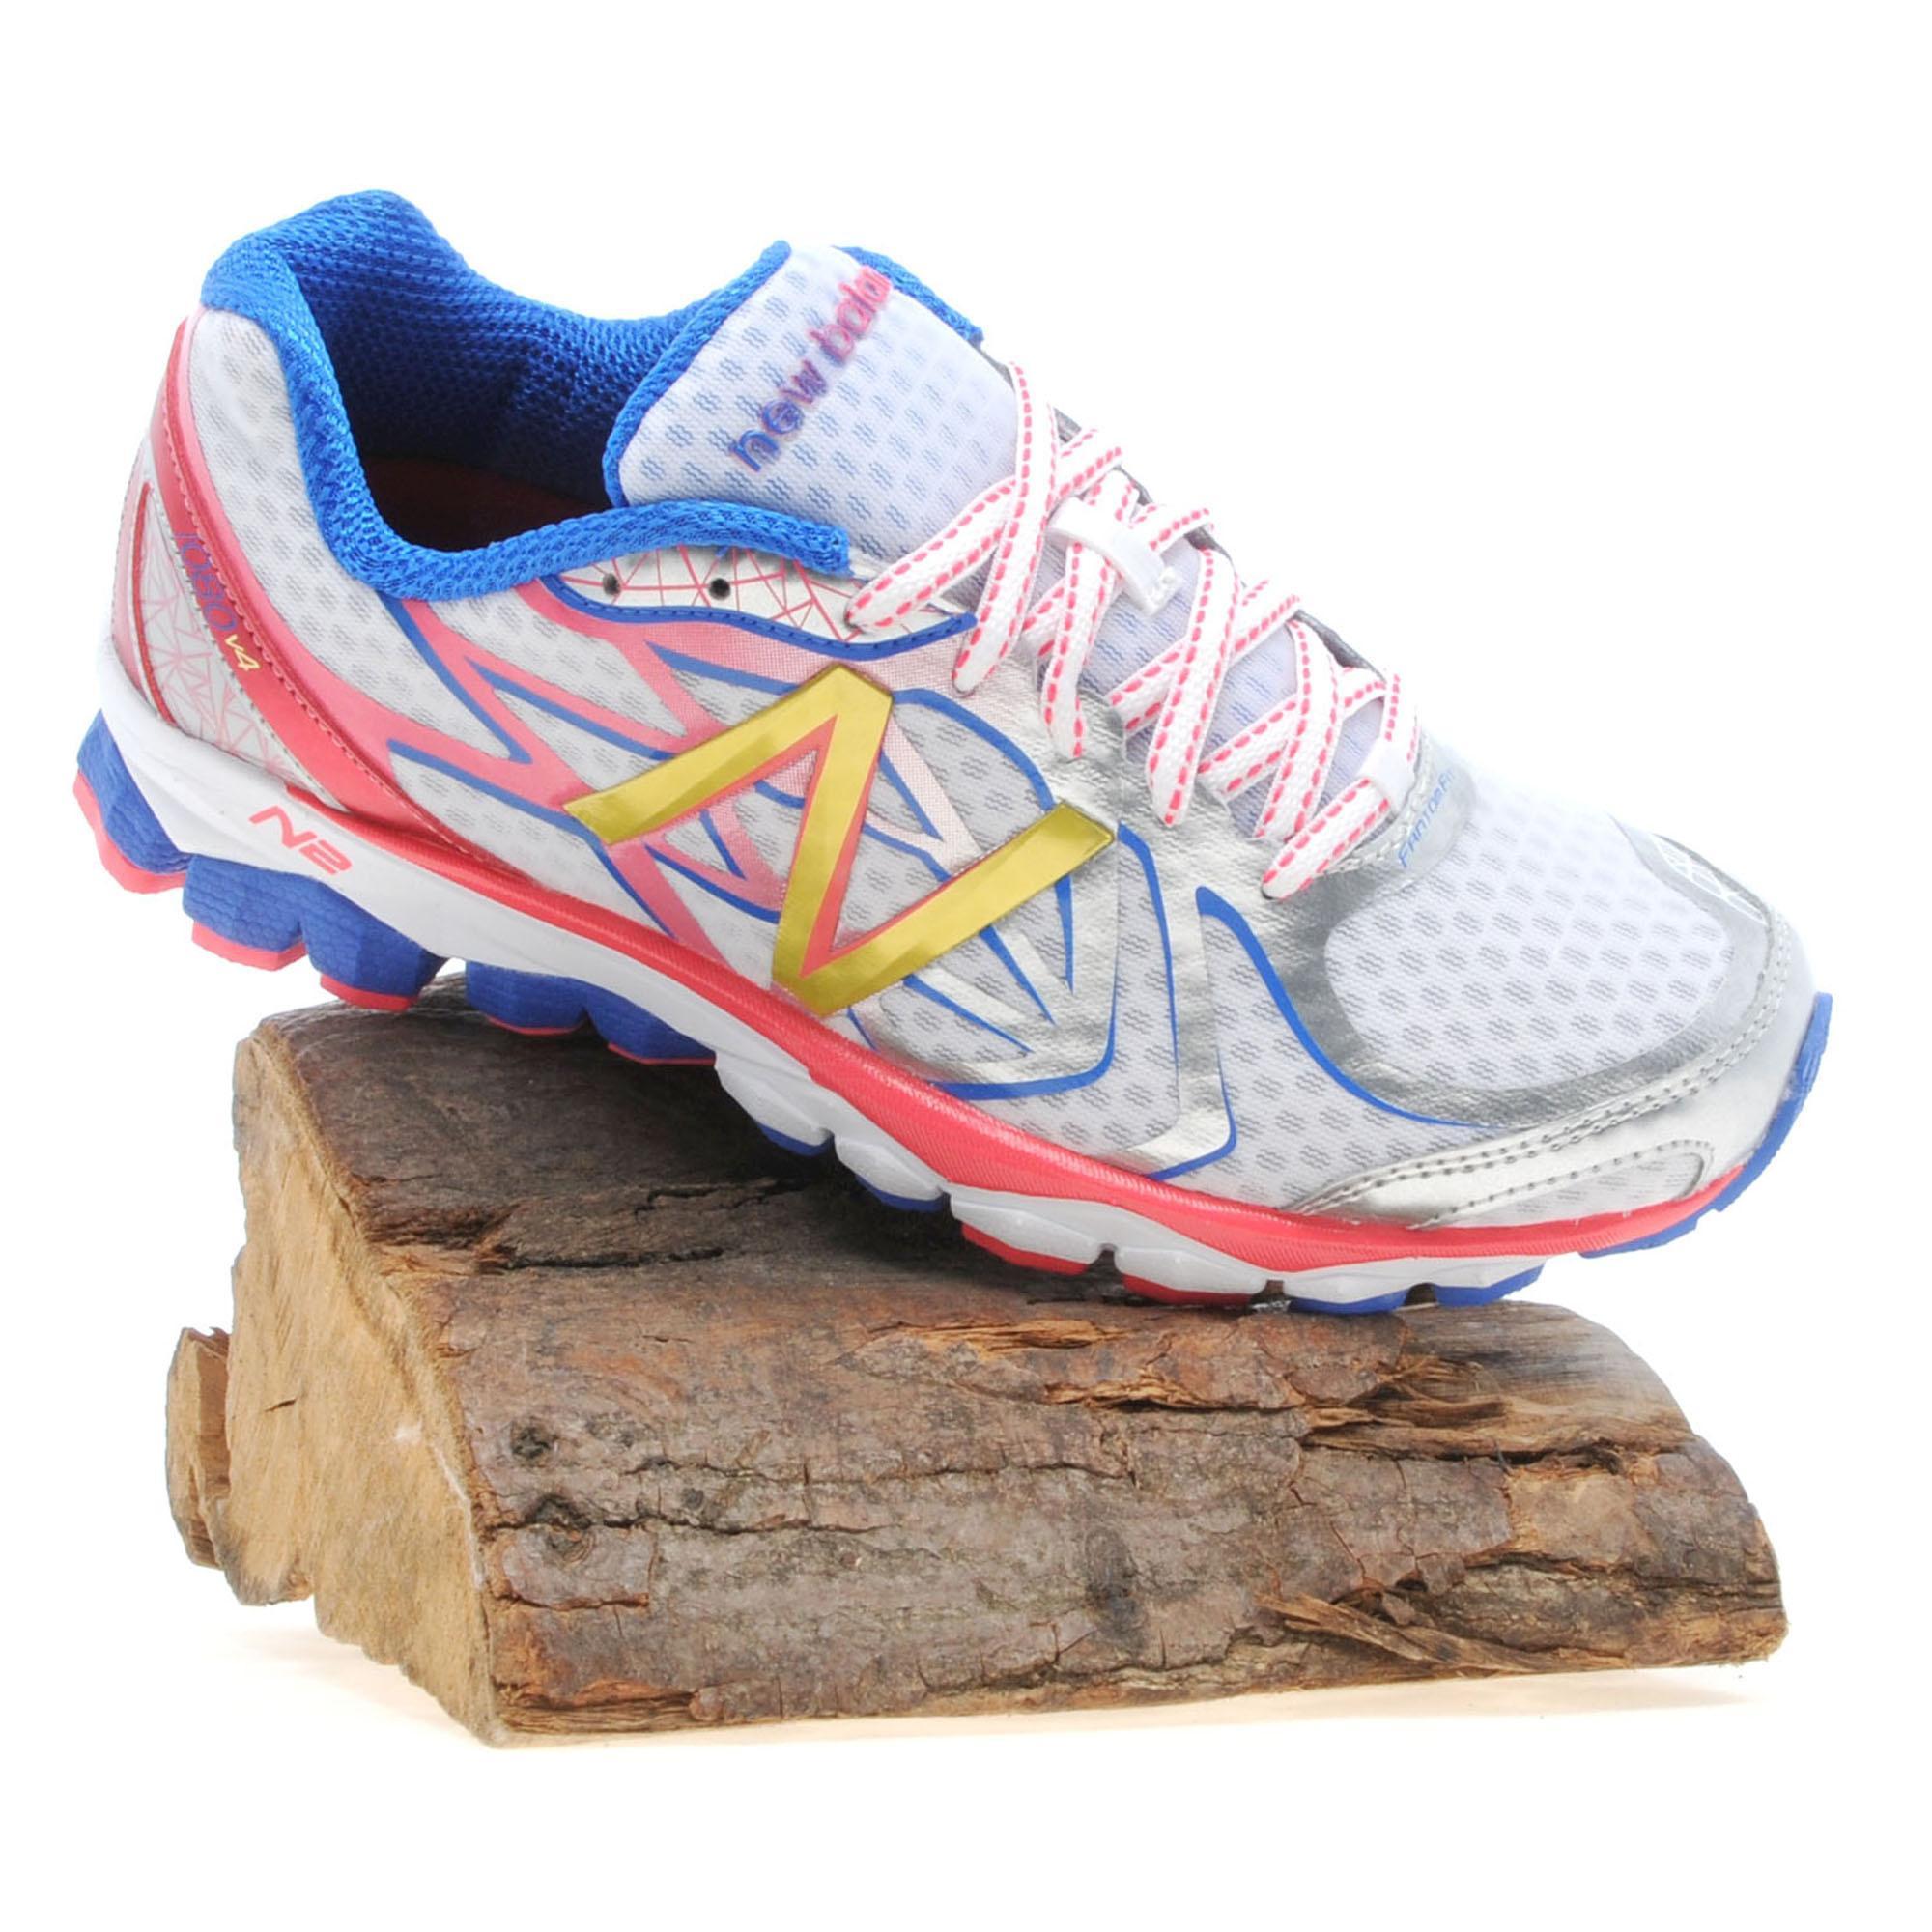 New Balance Women's 1080v4 Running Shoe, White